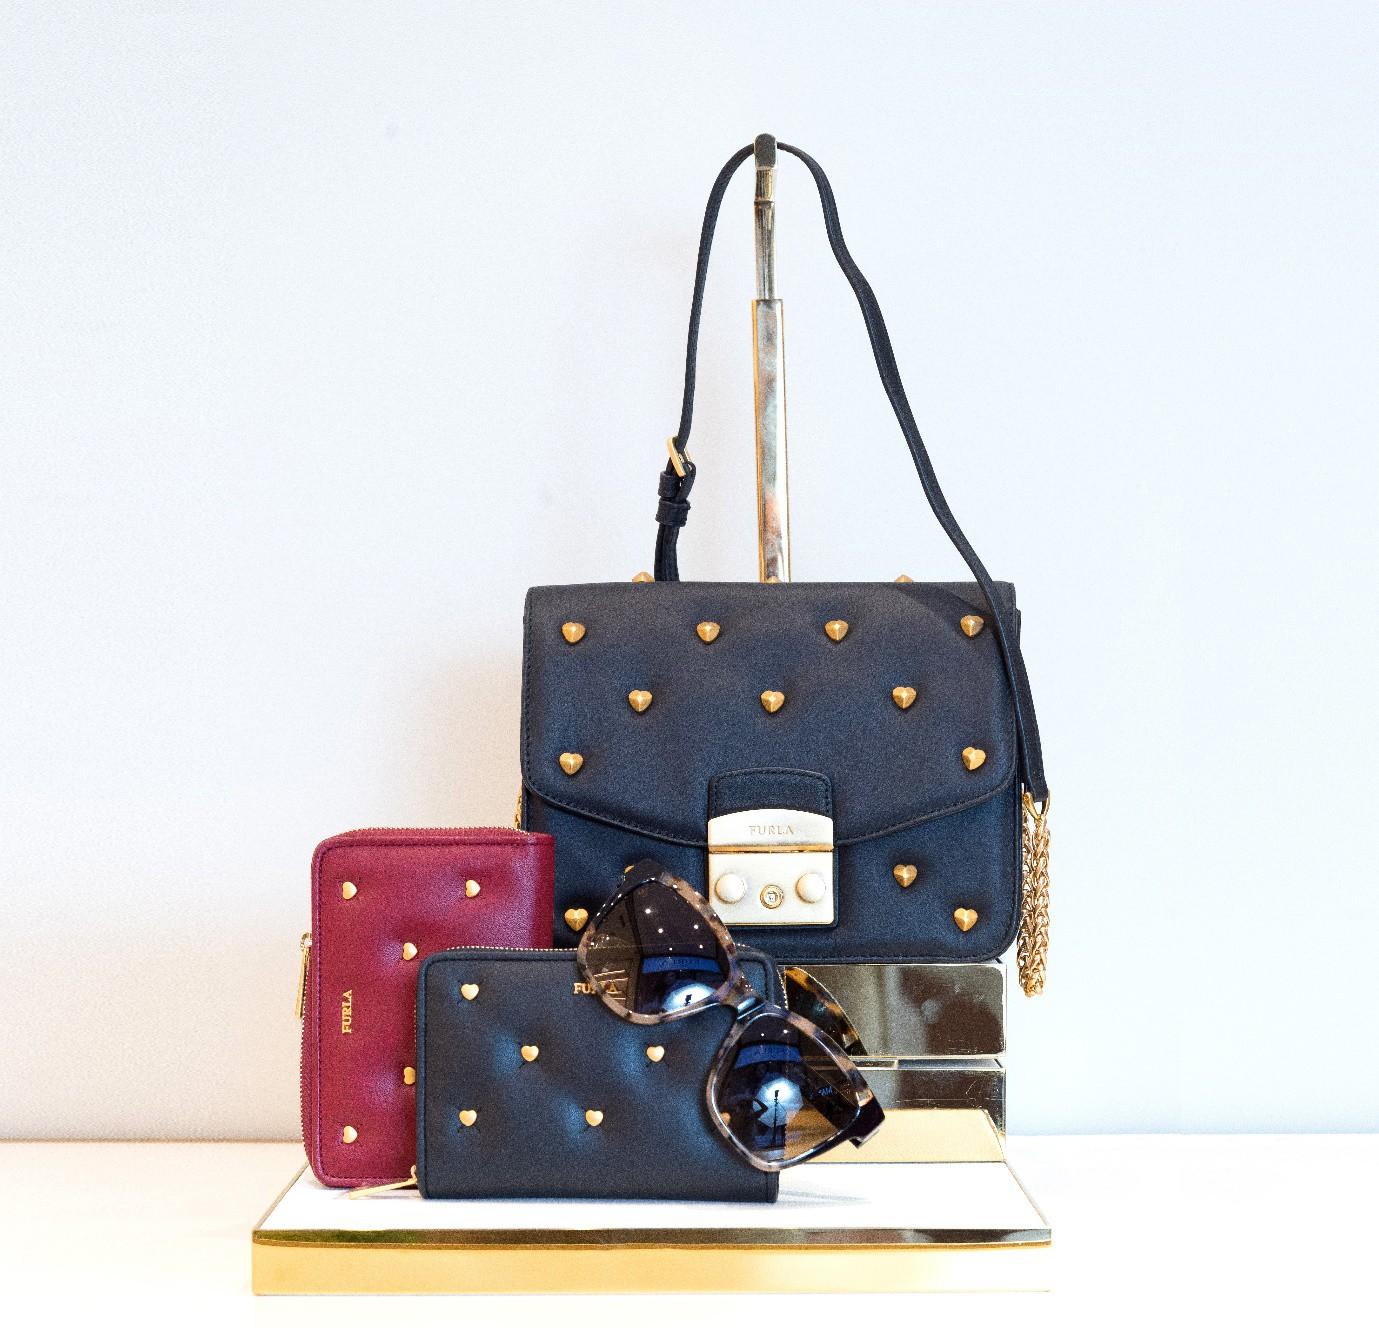 Săn sale cực đã, giảm giá lên đến 50% từ thương hiệu túi xách Furla - Ảnh 6.